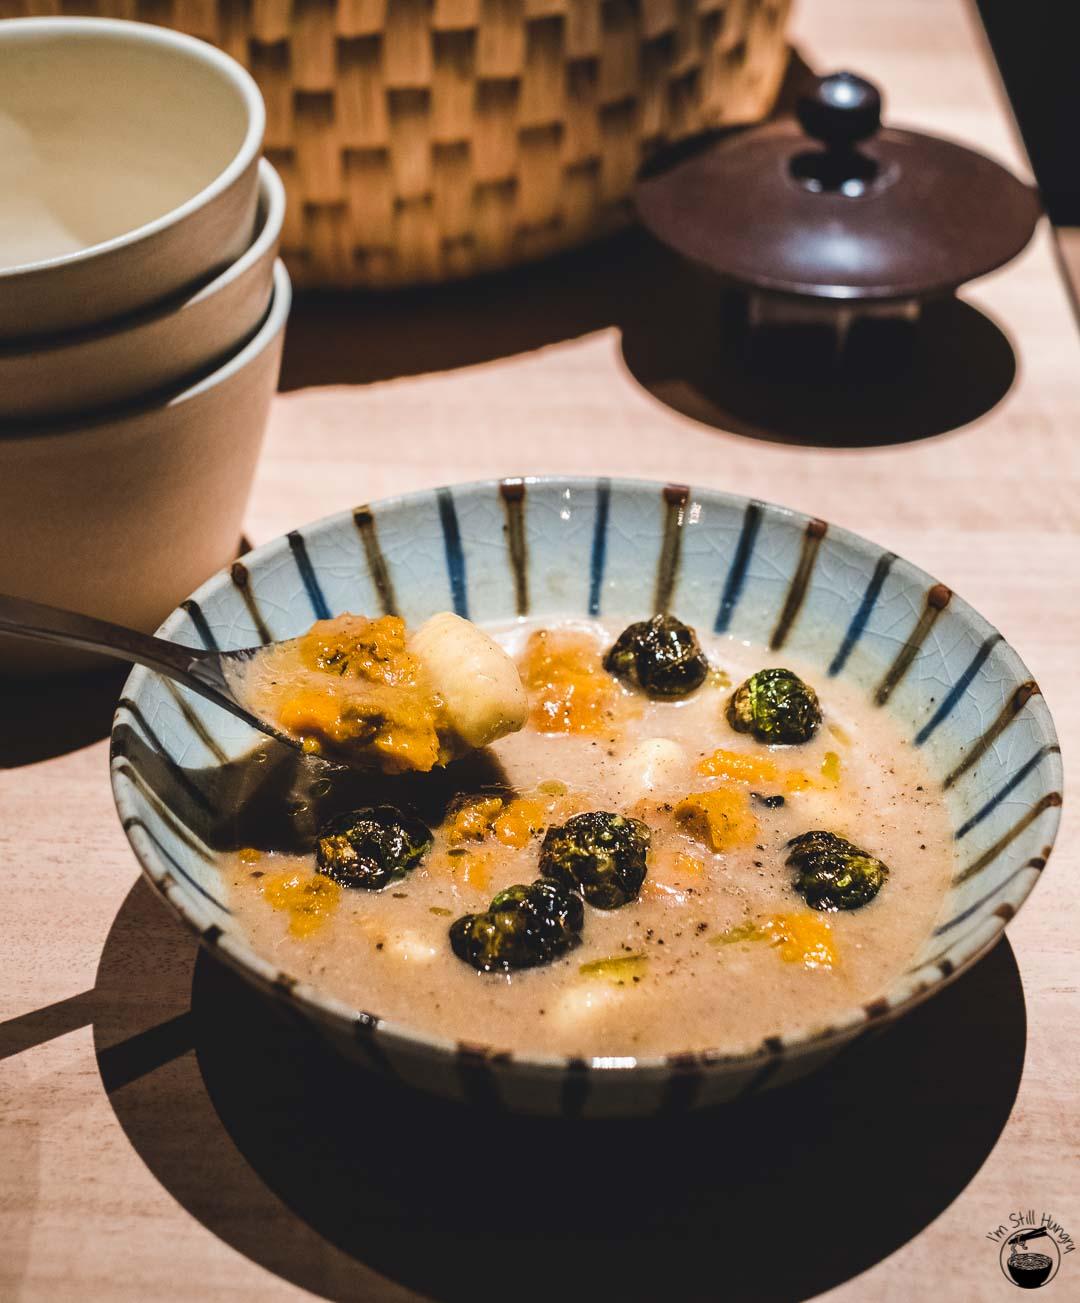 Restaurant Sasaki Surry Hills Second Visit-7 Cauliflower, potato, brussel sprouts & pumpkin